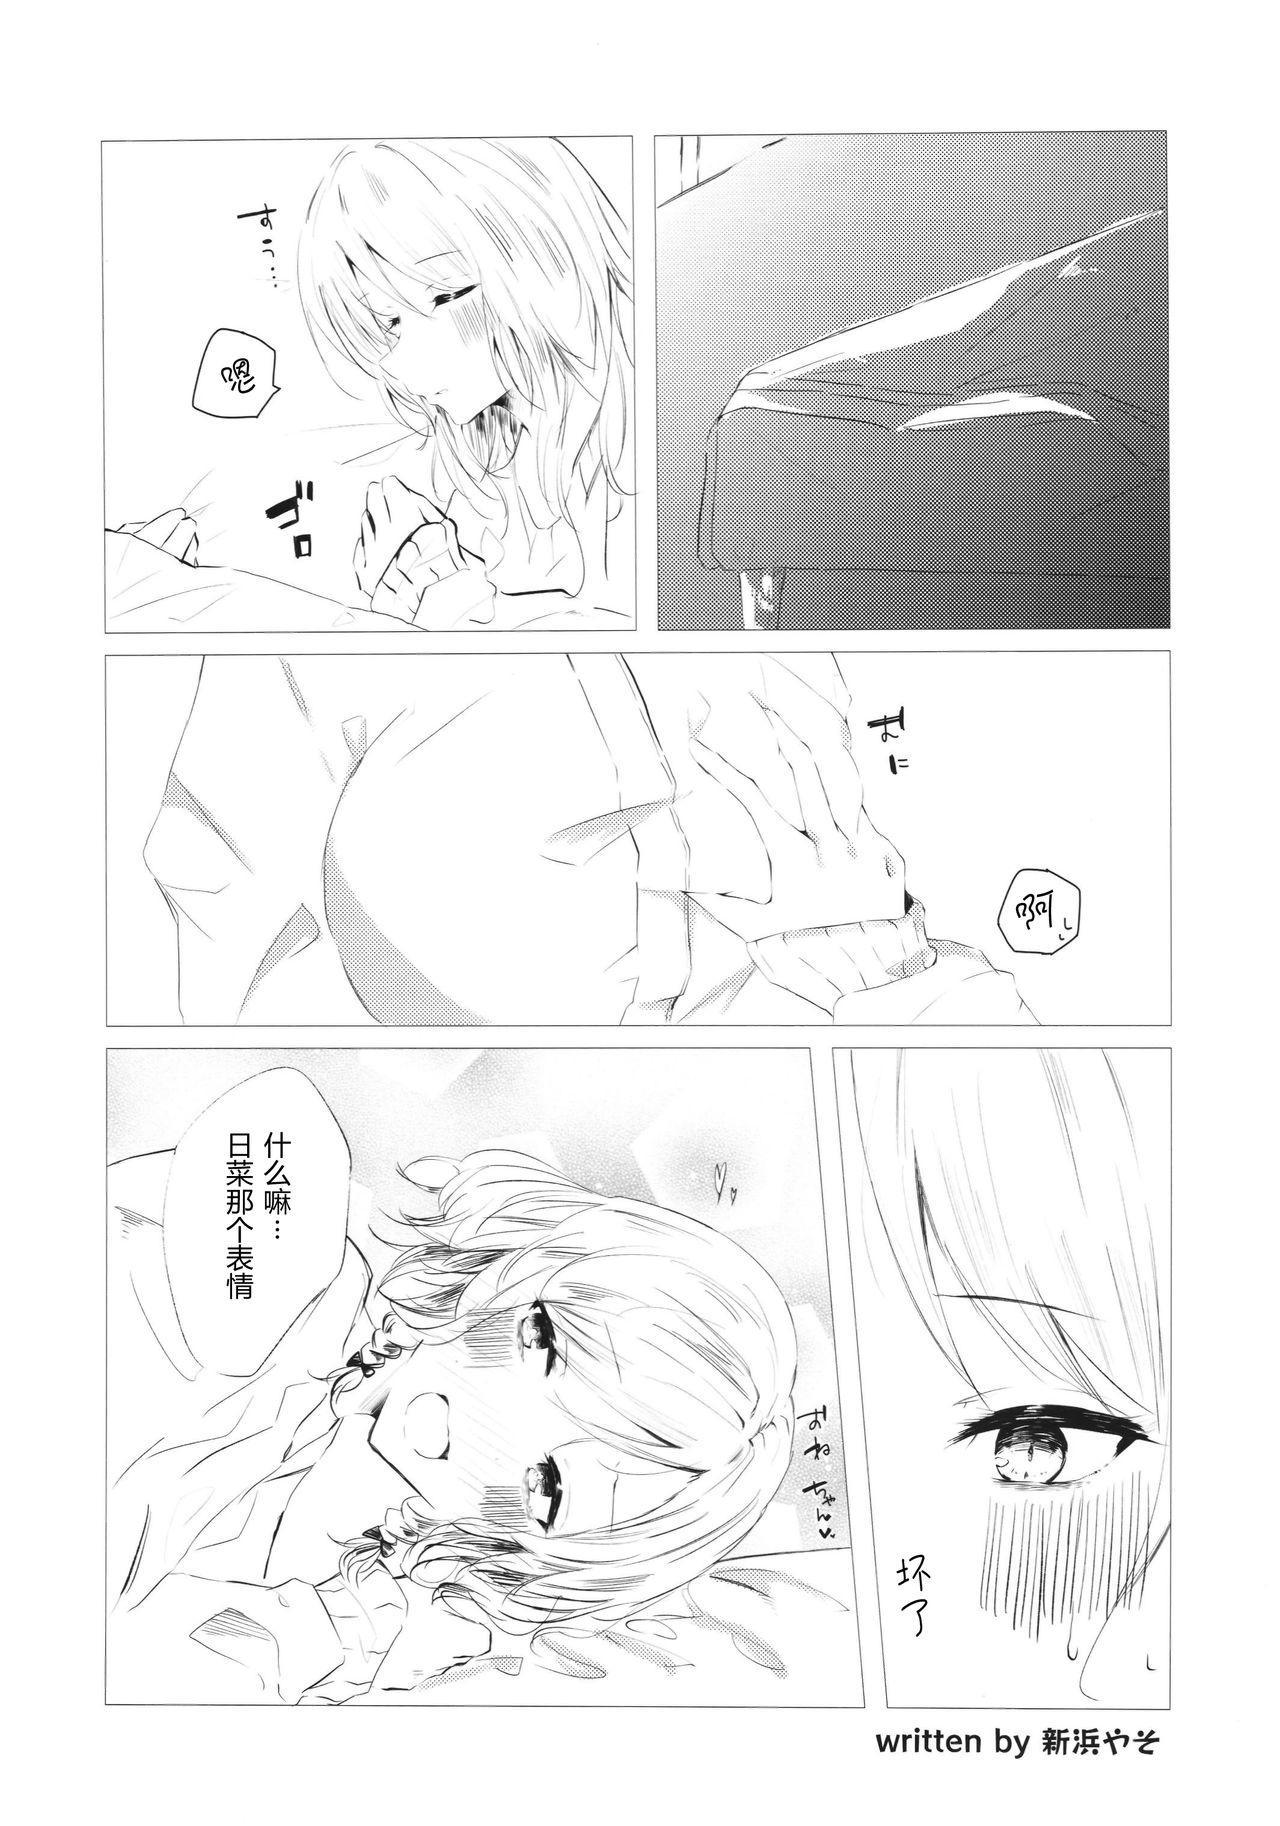 氷川姉妹18禁合同「今日は一緒に寝てもいい?」 29